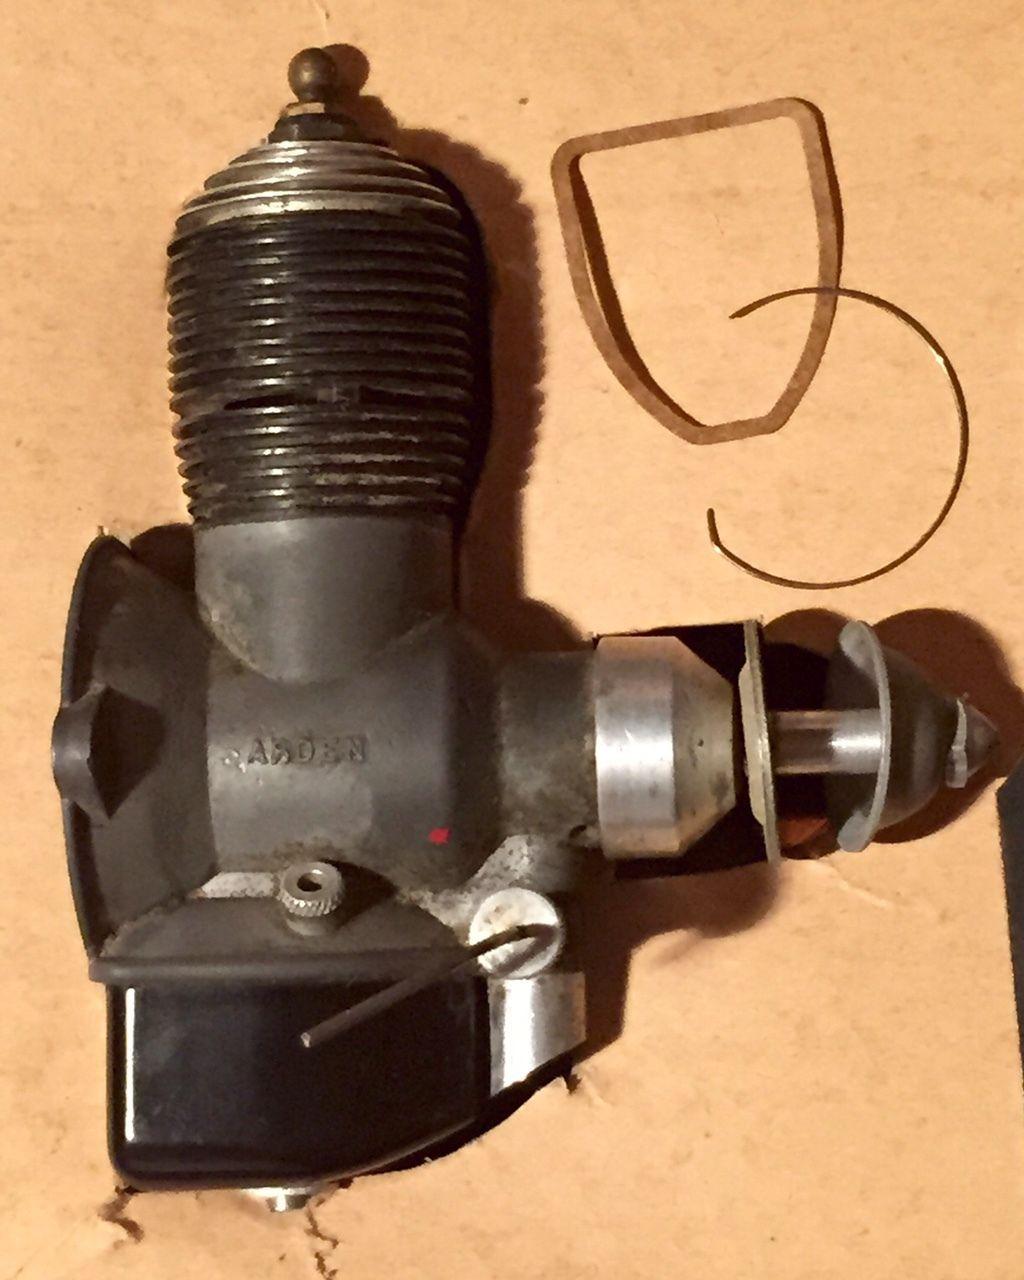 Vintage 1940's Arden 199 Model Airplane Engine in Original